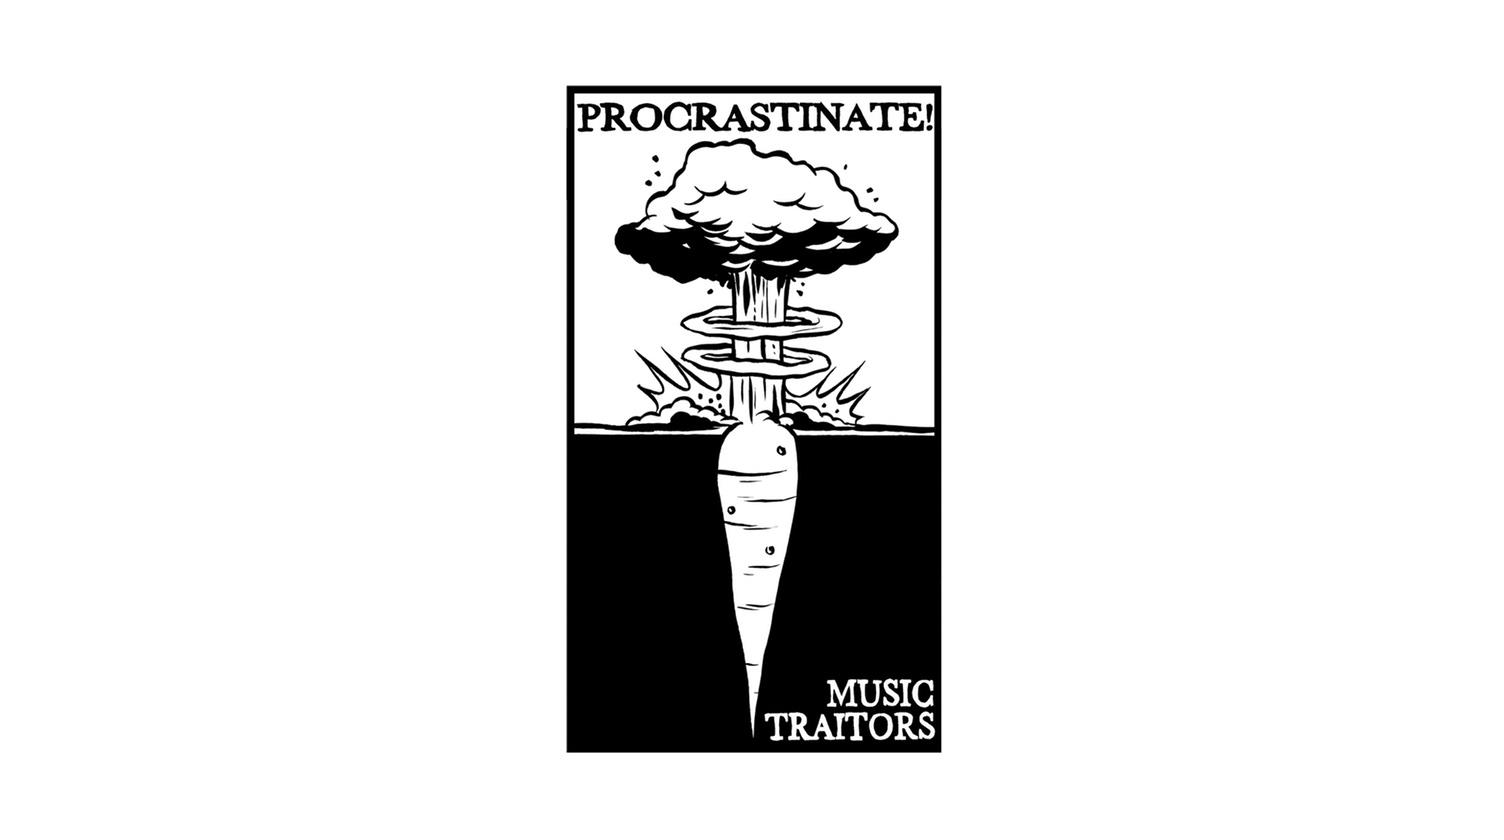 Procrastinate! Music Traitors